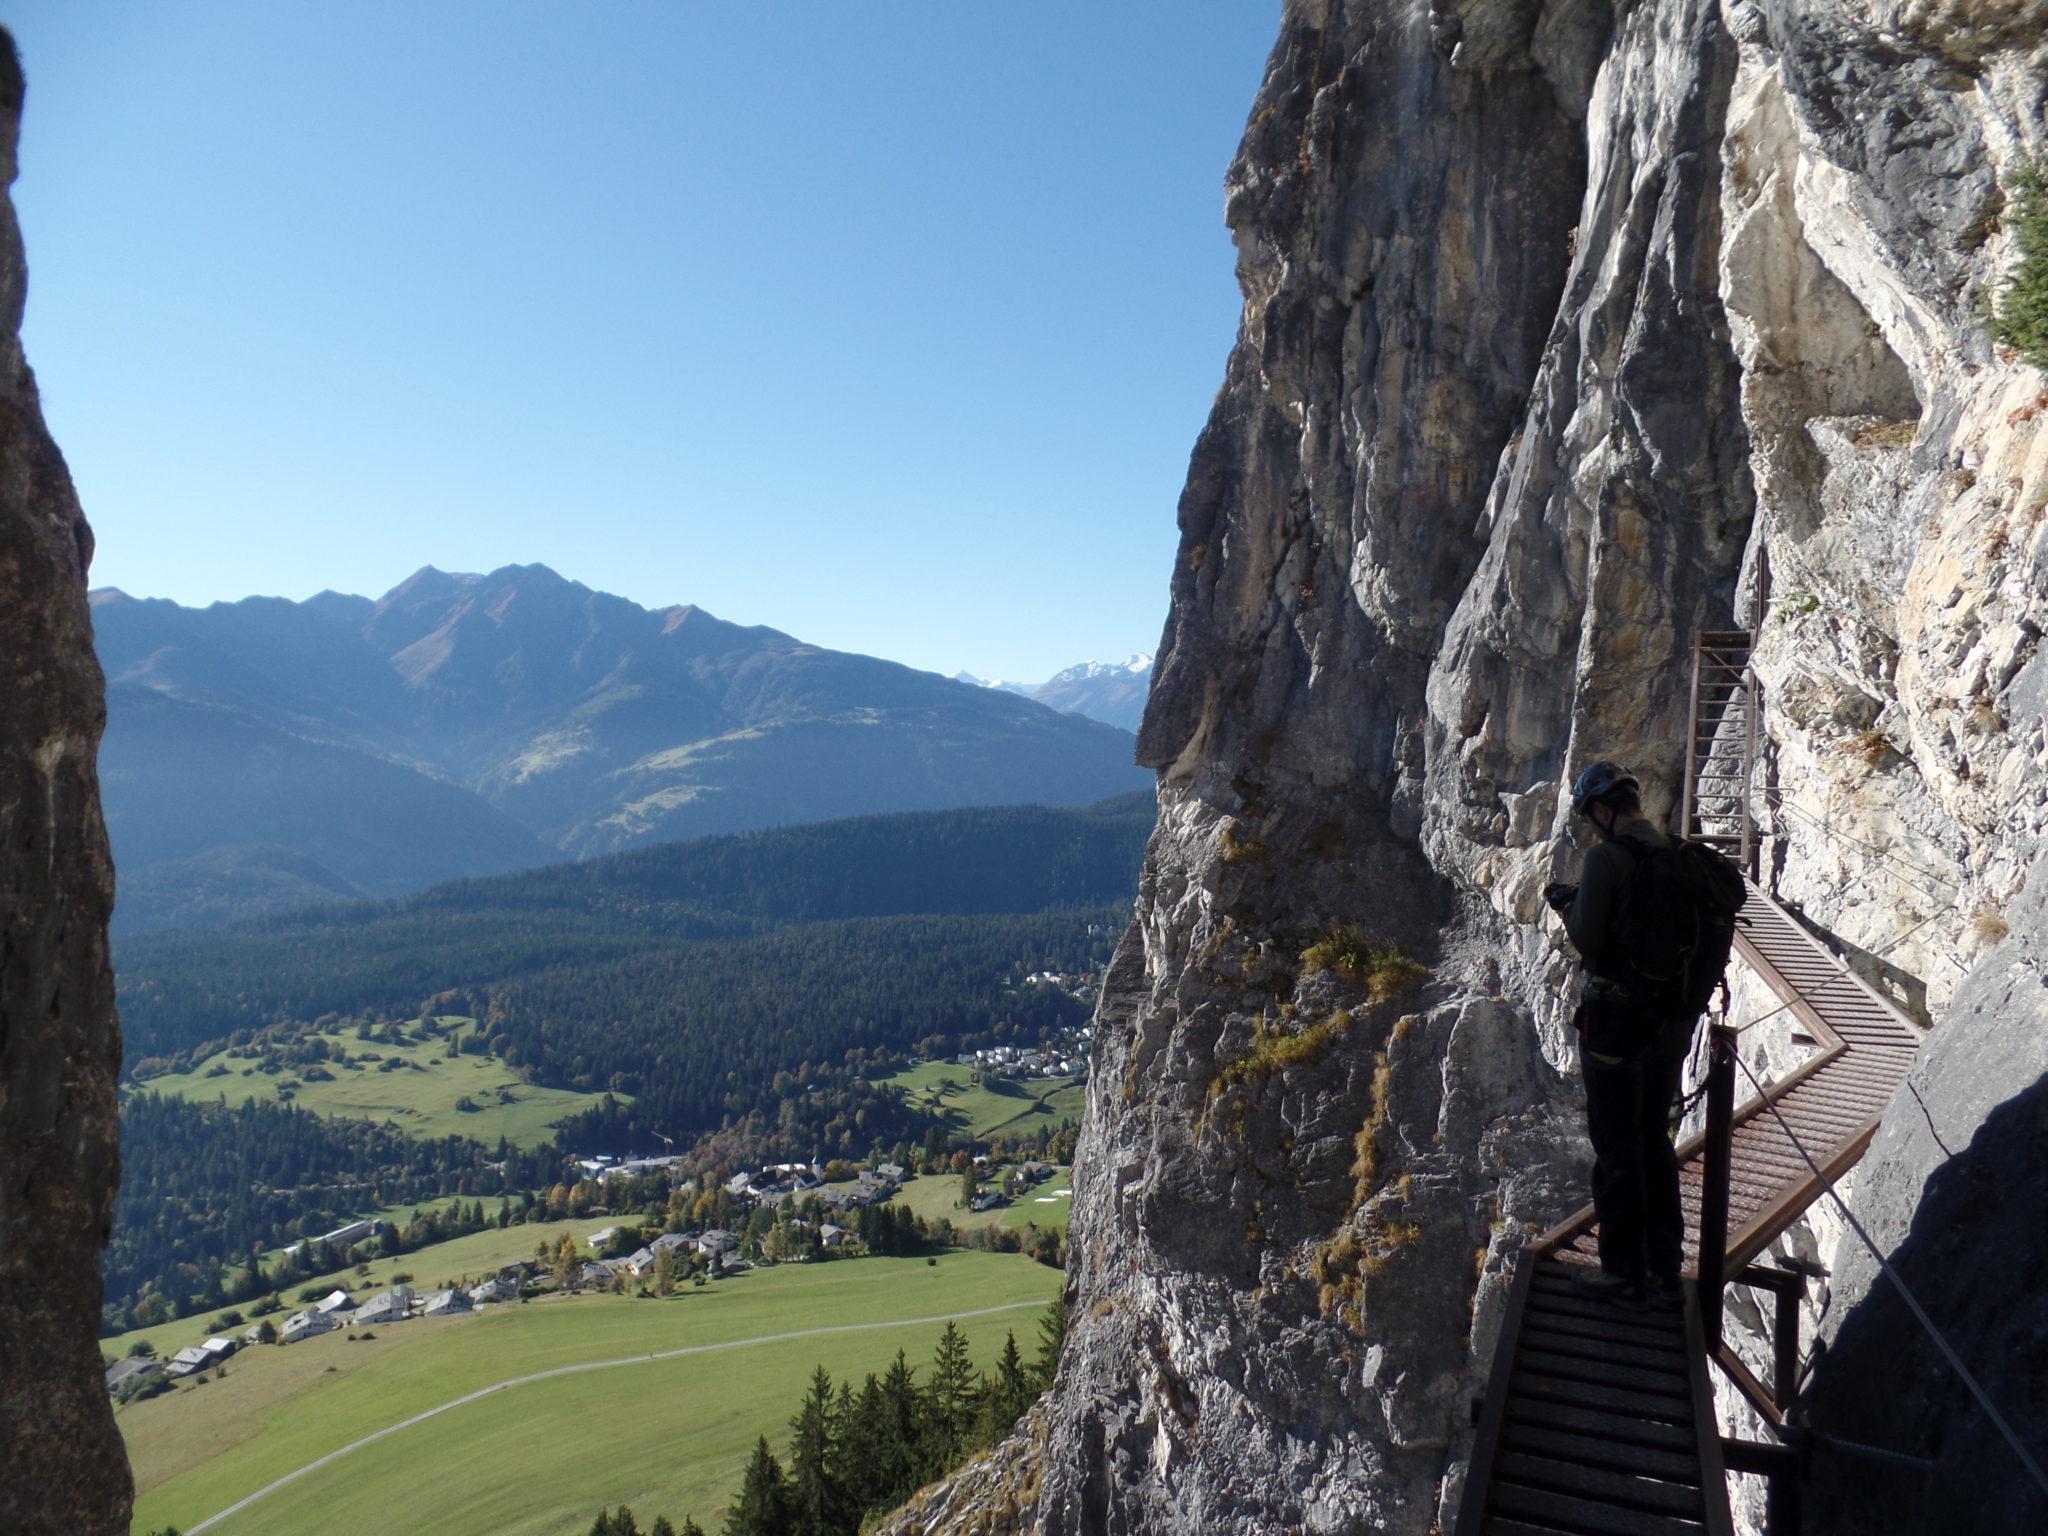 Klettersteig Pinut : Historischer klettersteig u epinutu c oktober aacbasel